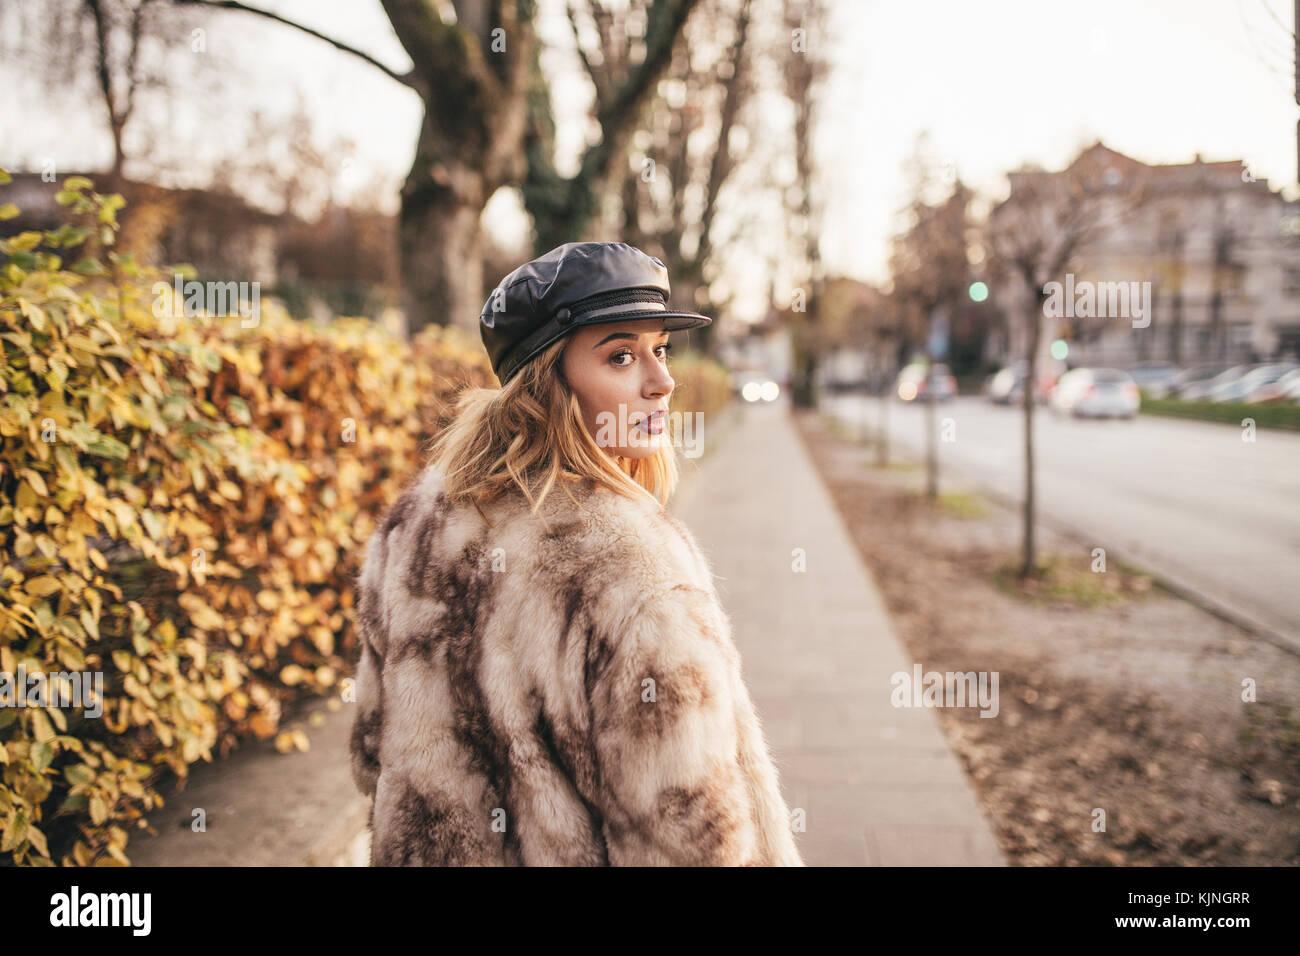 Belle fille porter de la circonscription et son vélo sur les rues de la ville Photo Stock